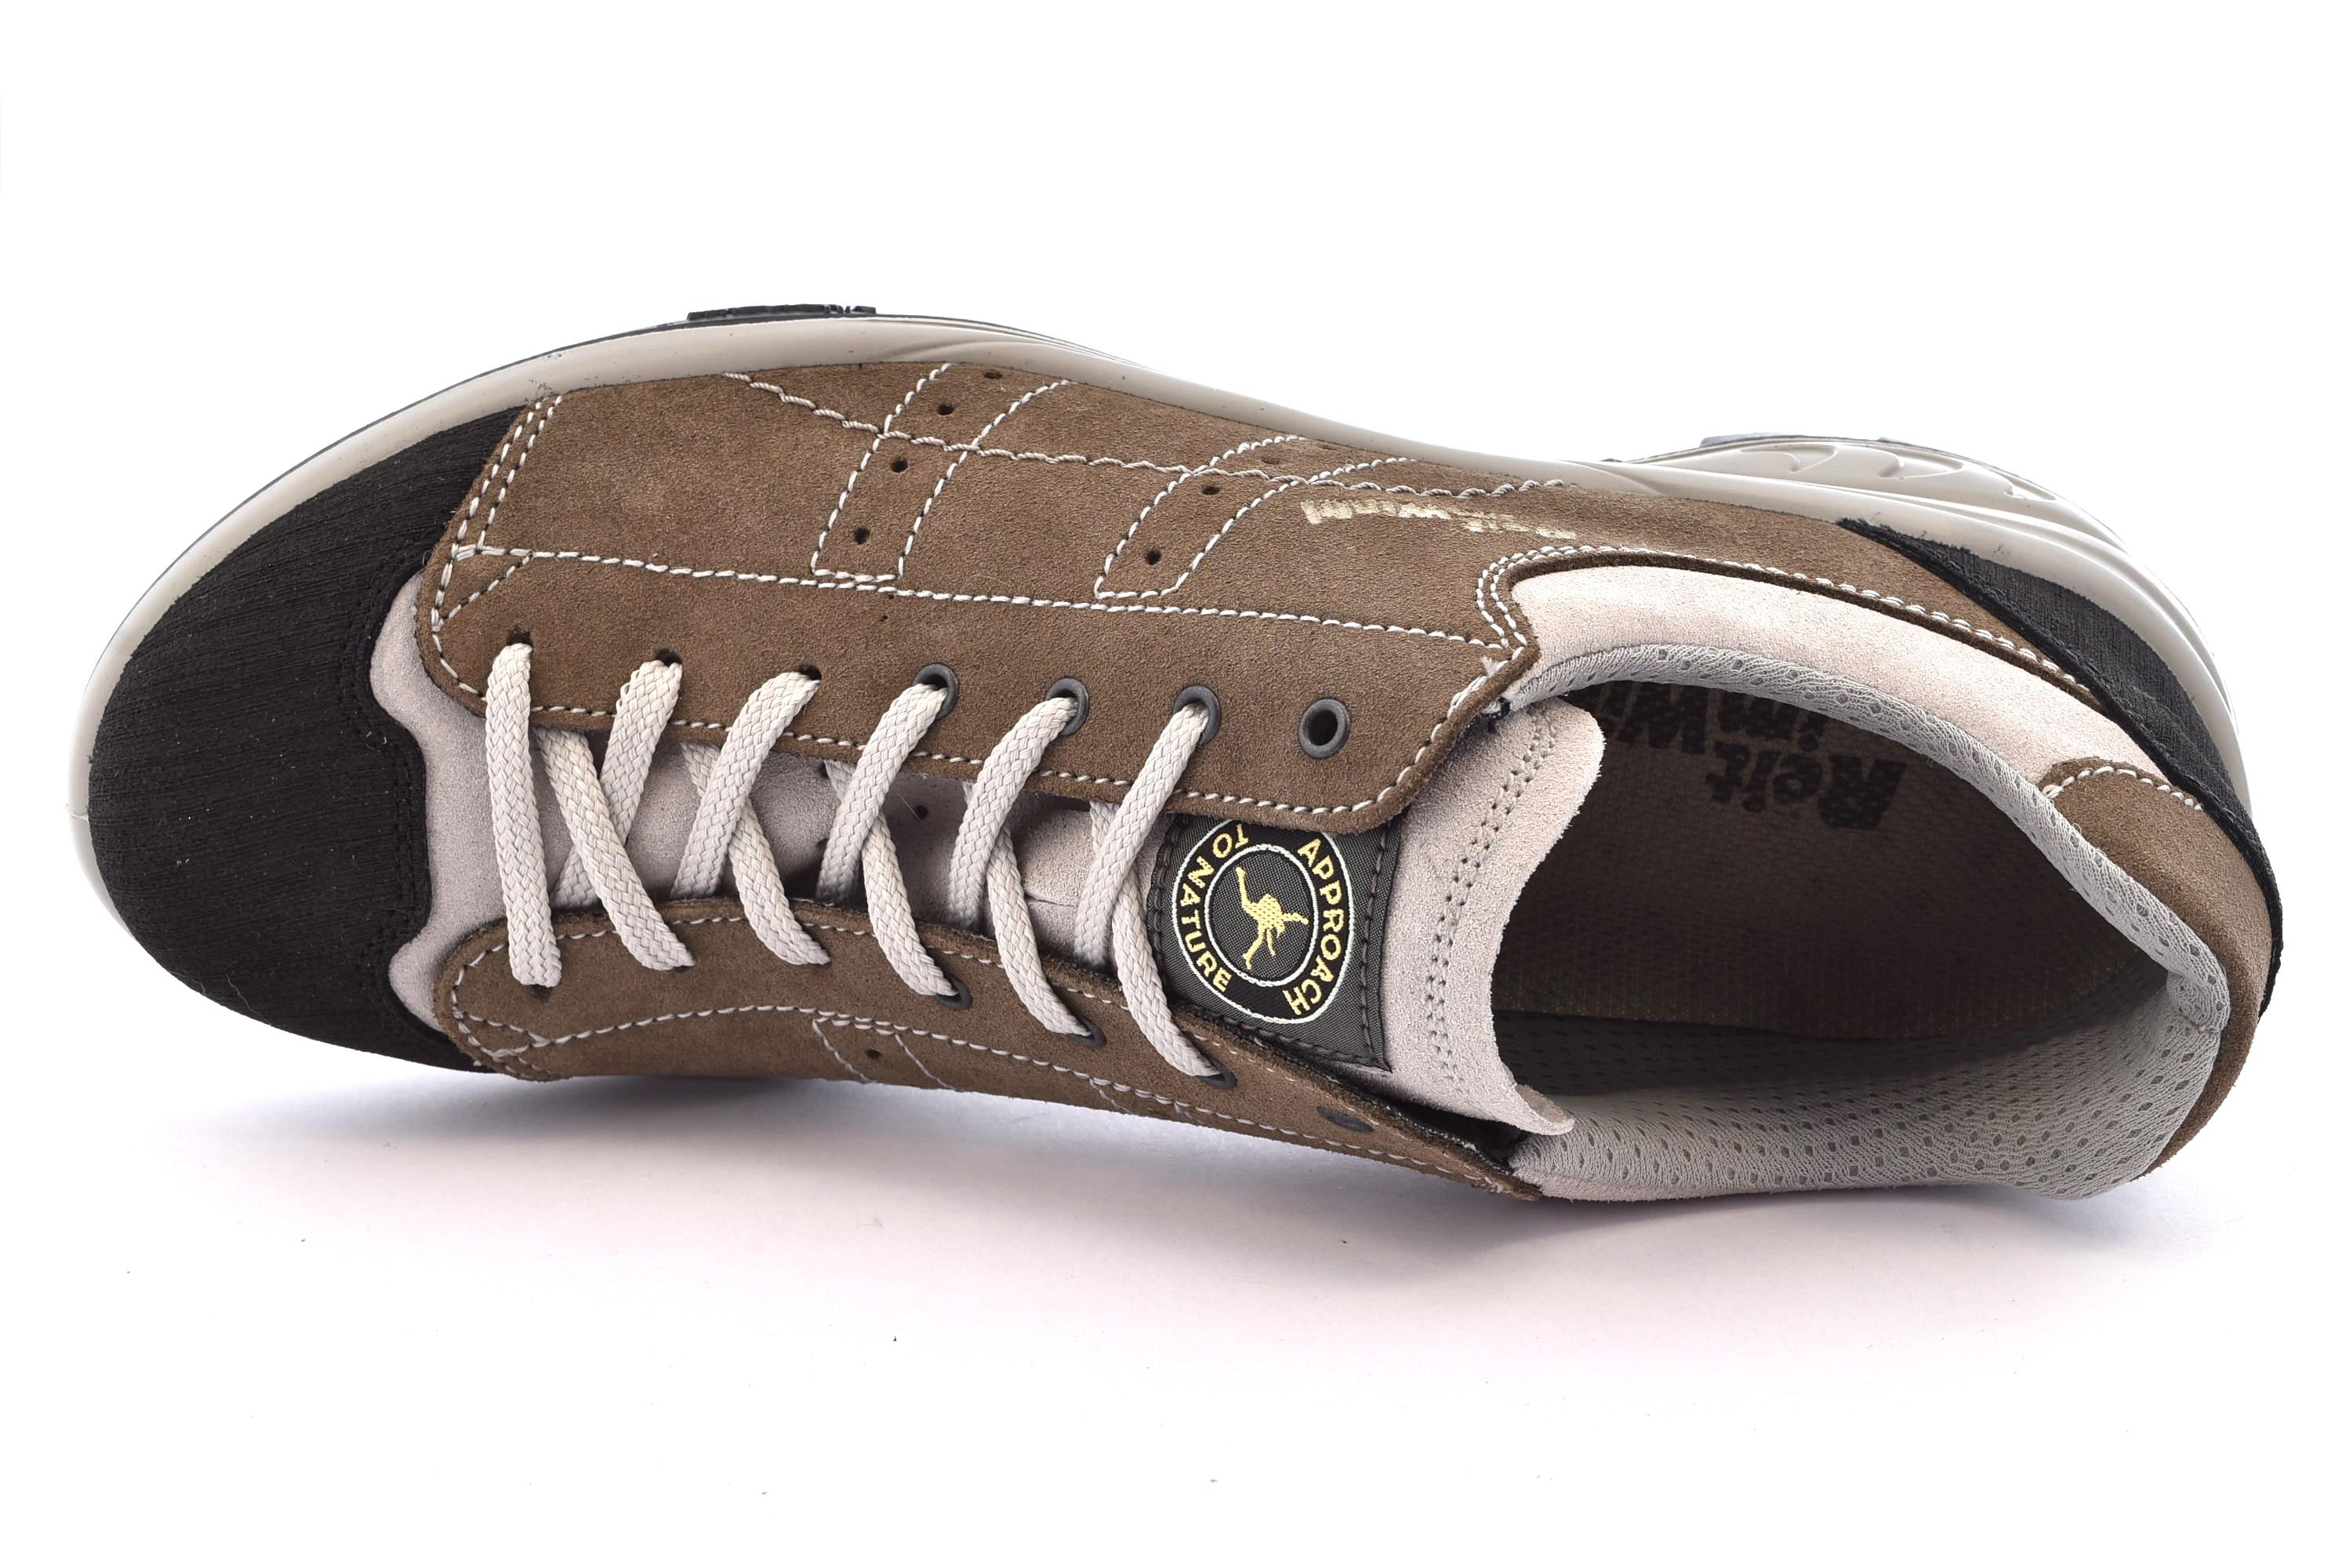 negozio ufficiale super popolare foto ufficiali REIT IM WINKL 12129S22 TORBA scarpe basse trekking uomo ...